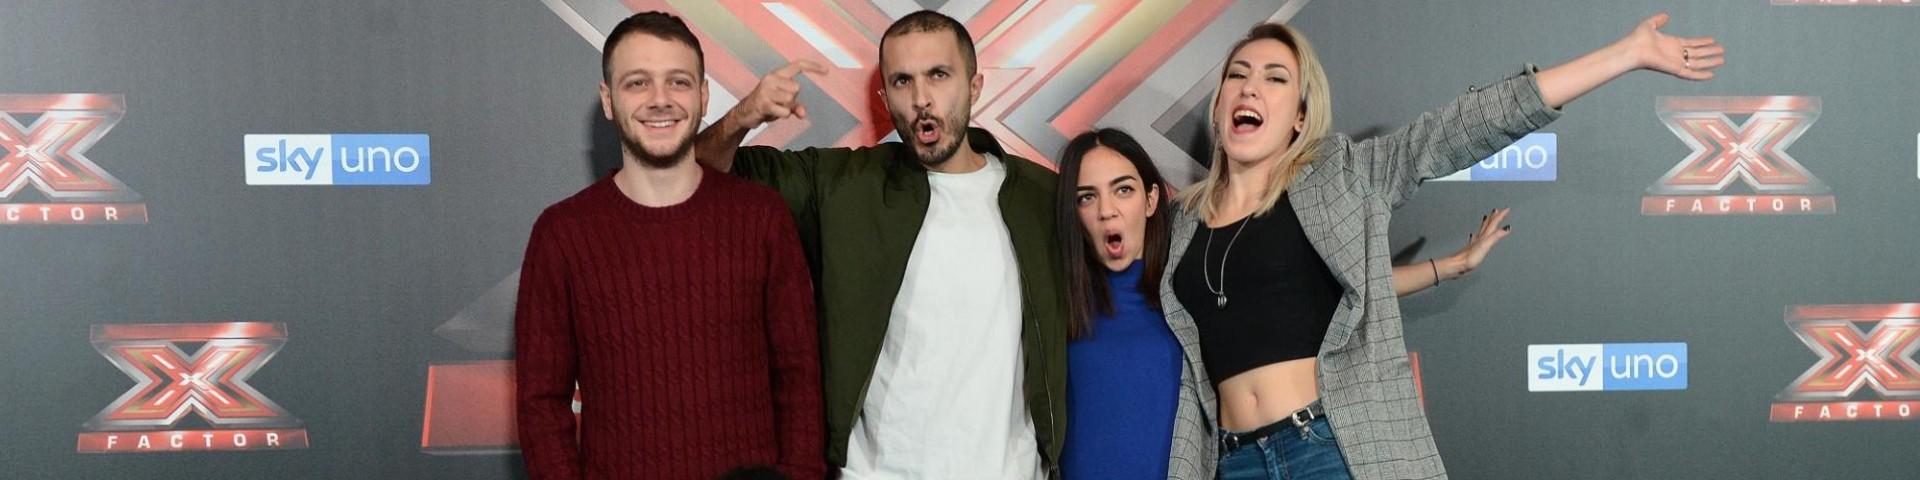 X Factor 12: chi è il vincitore secondo i bookmakers?